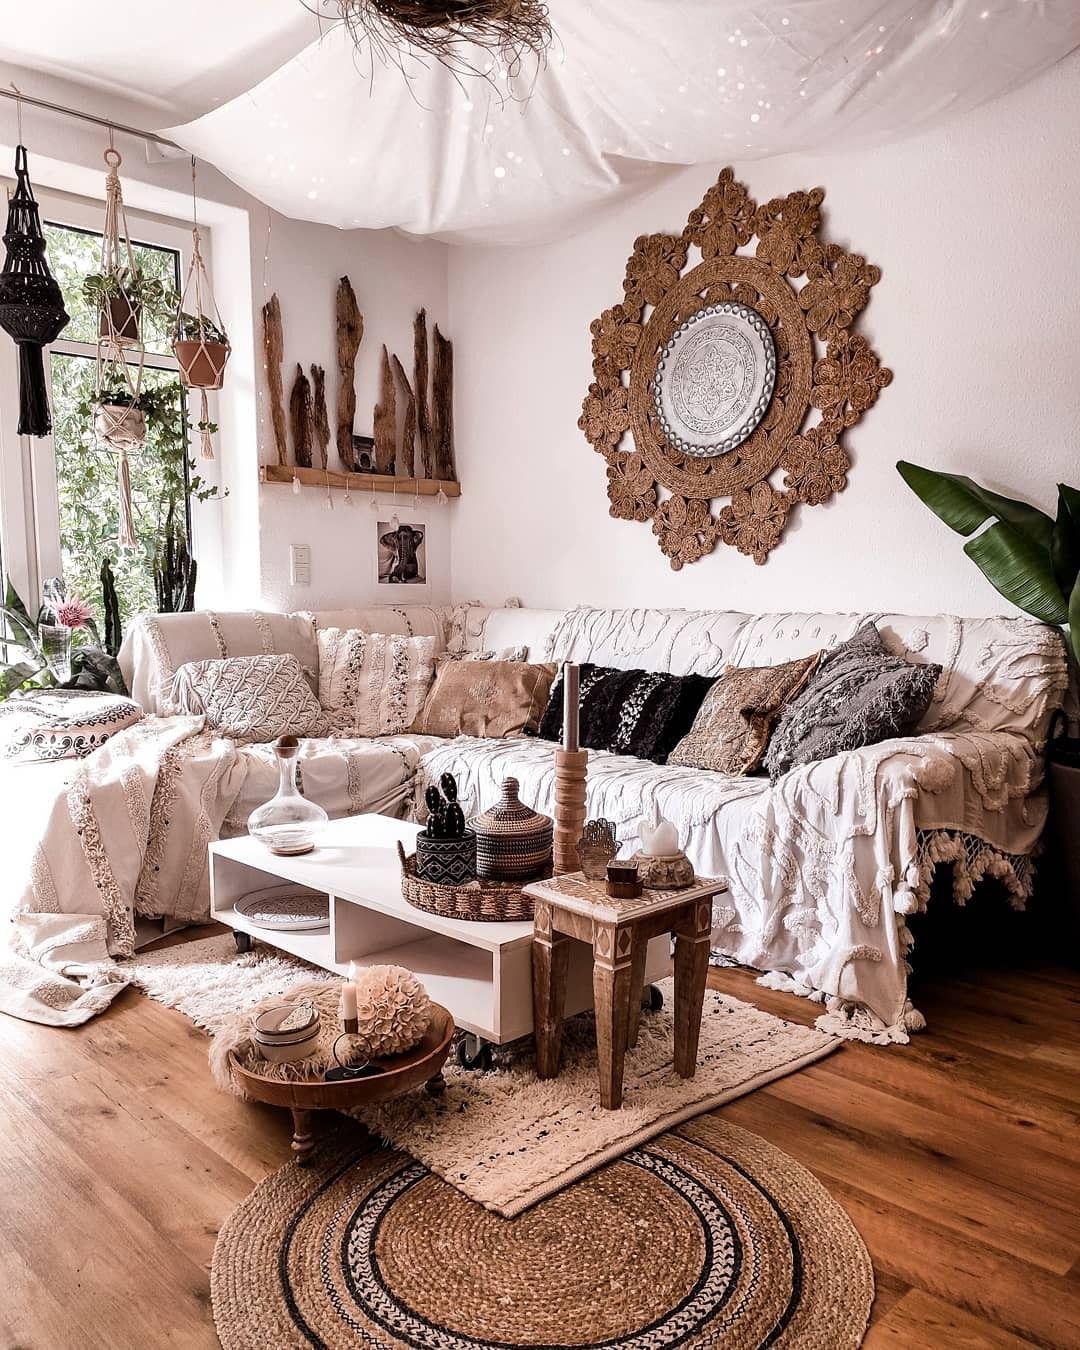 Boho Chic Home Decor Plans And Ideas Home Decor Chic Home Decor